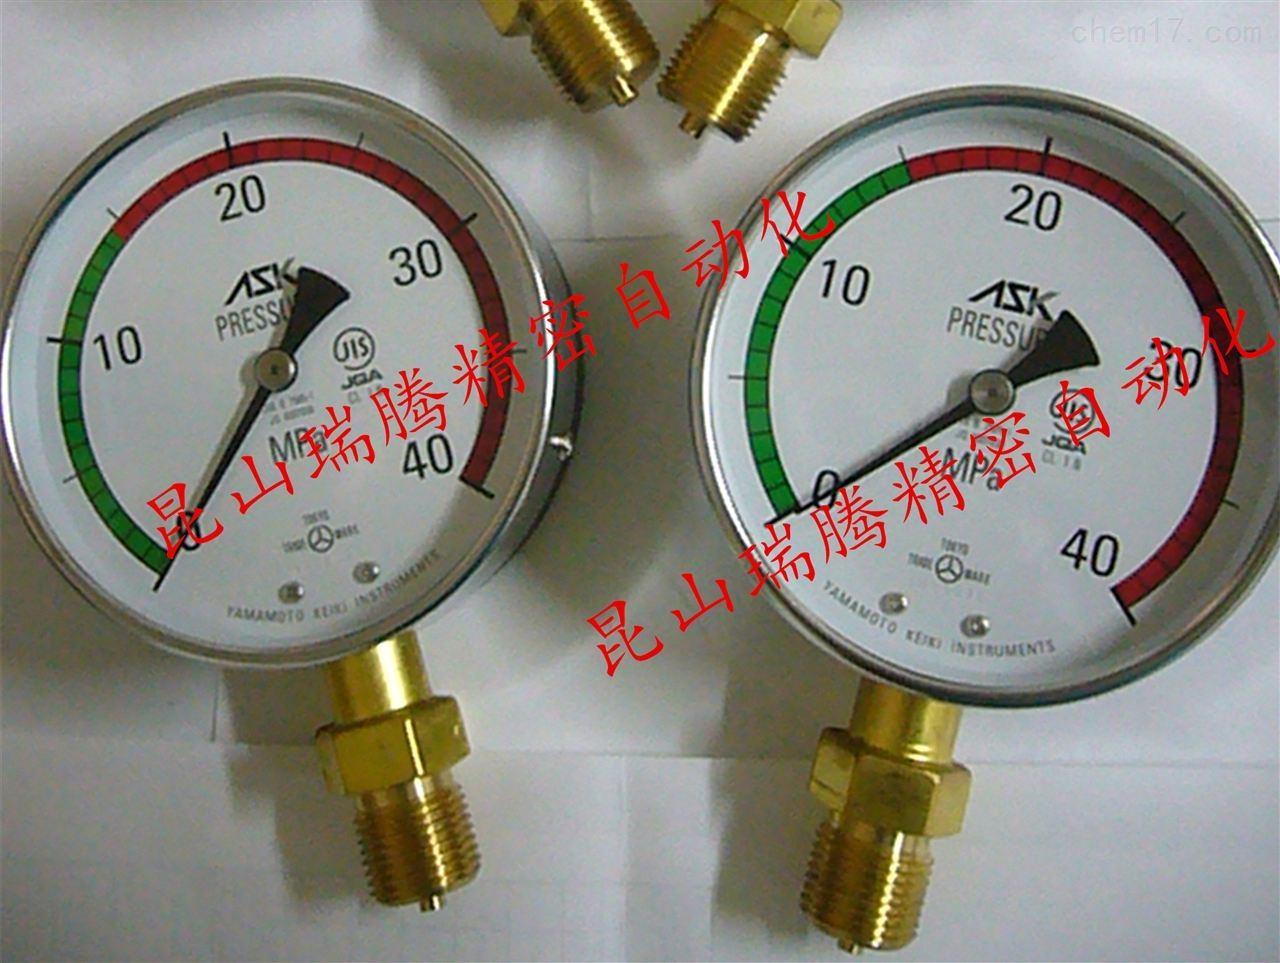 工业MRO配件ASK耐振压力表 AK-1/2-100x35MP-GR15东芝压铸机专用